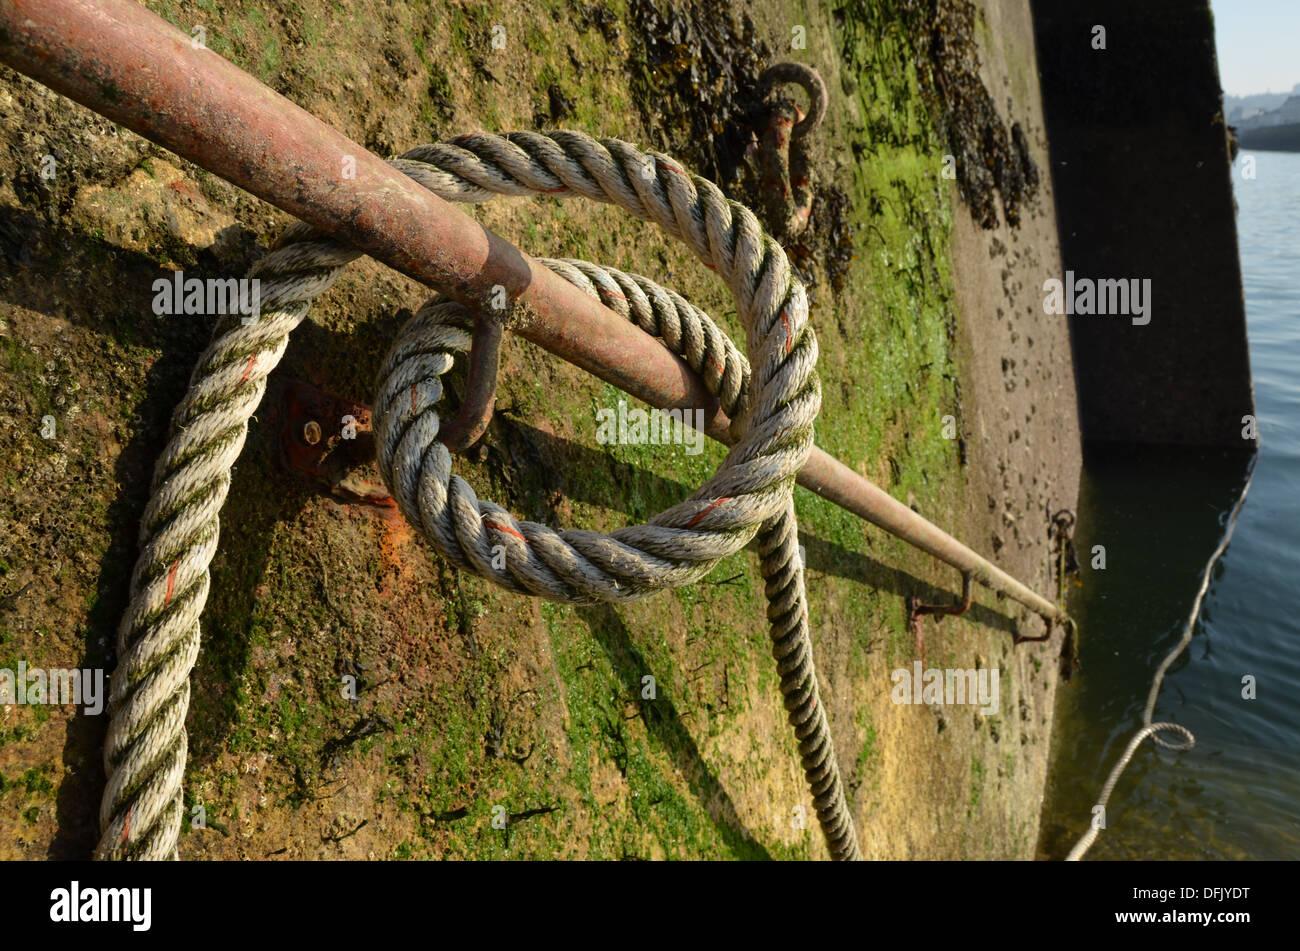 Rope Handrail Stockfotos & Rope Handrail Bilder - Alamy